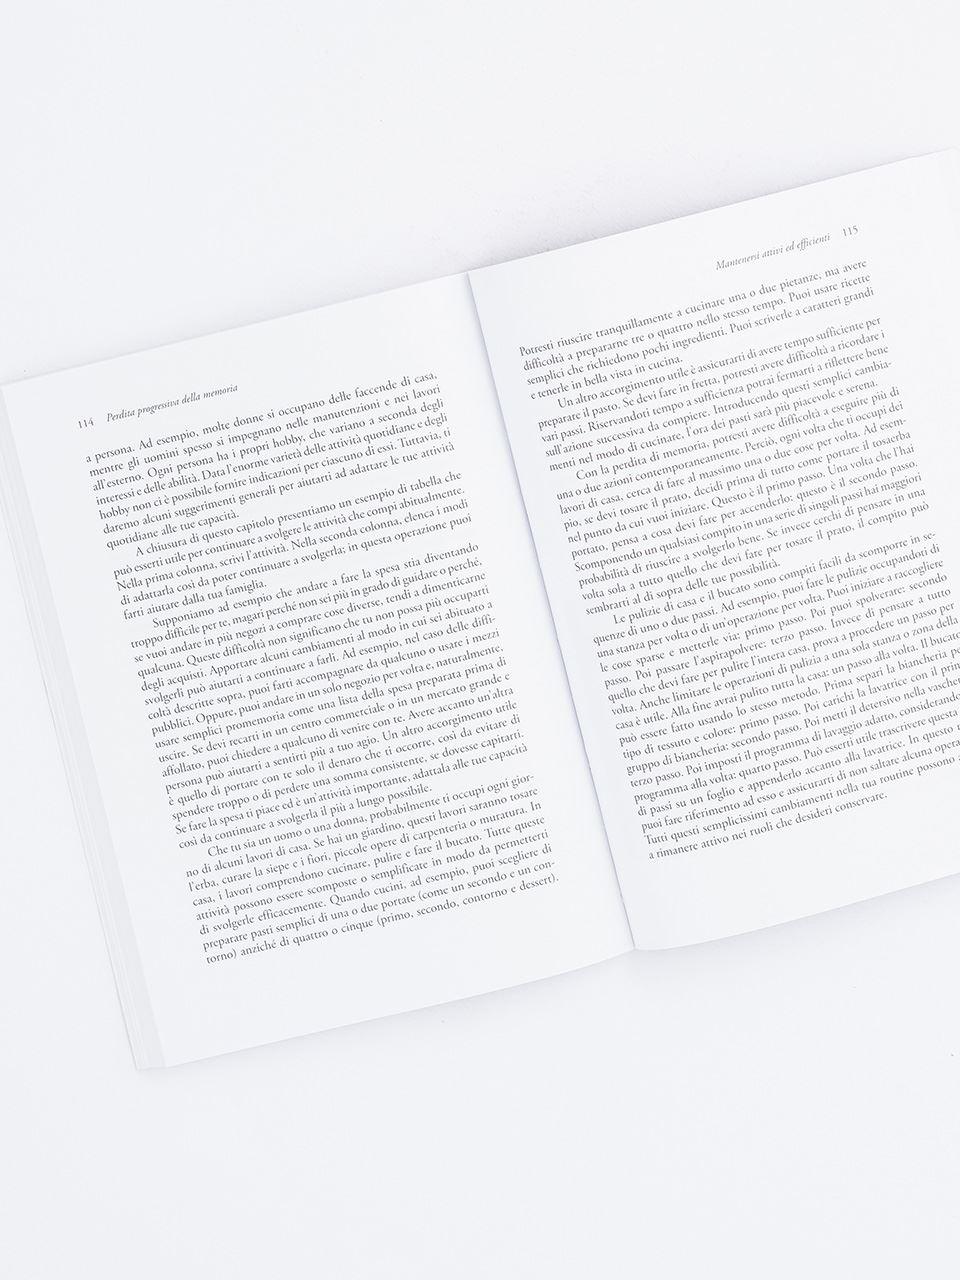 Assistere gli anziani - PERDITA PROGRESSIVA DELLA  - Libri - Erickson 2